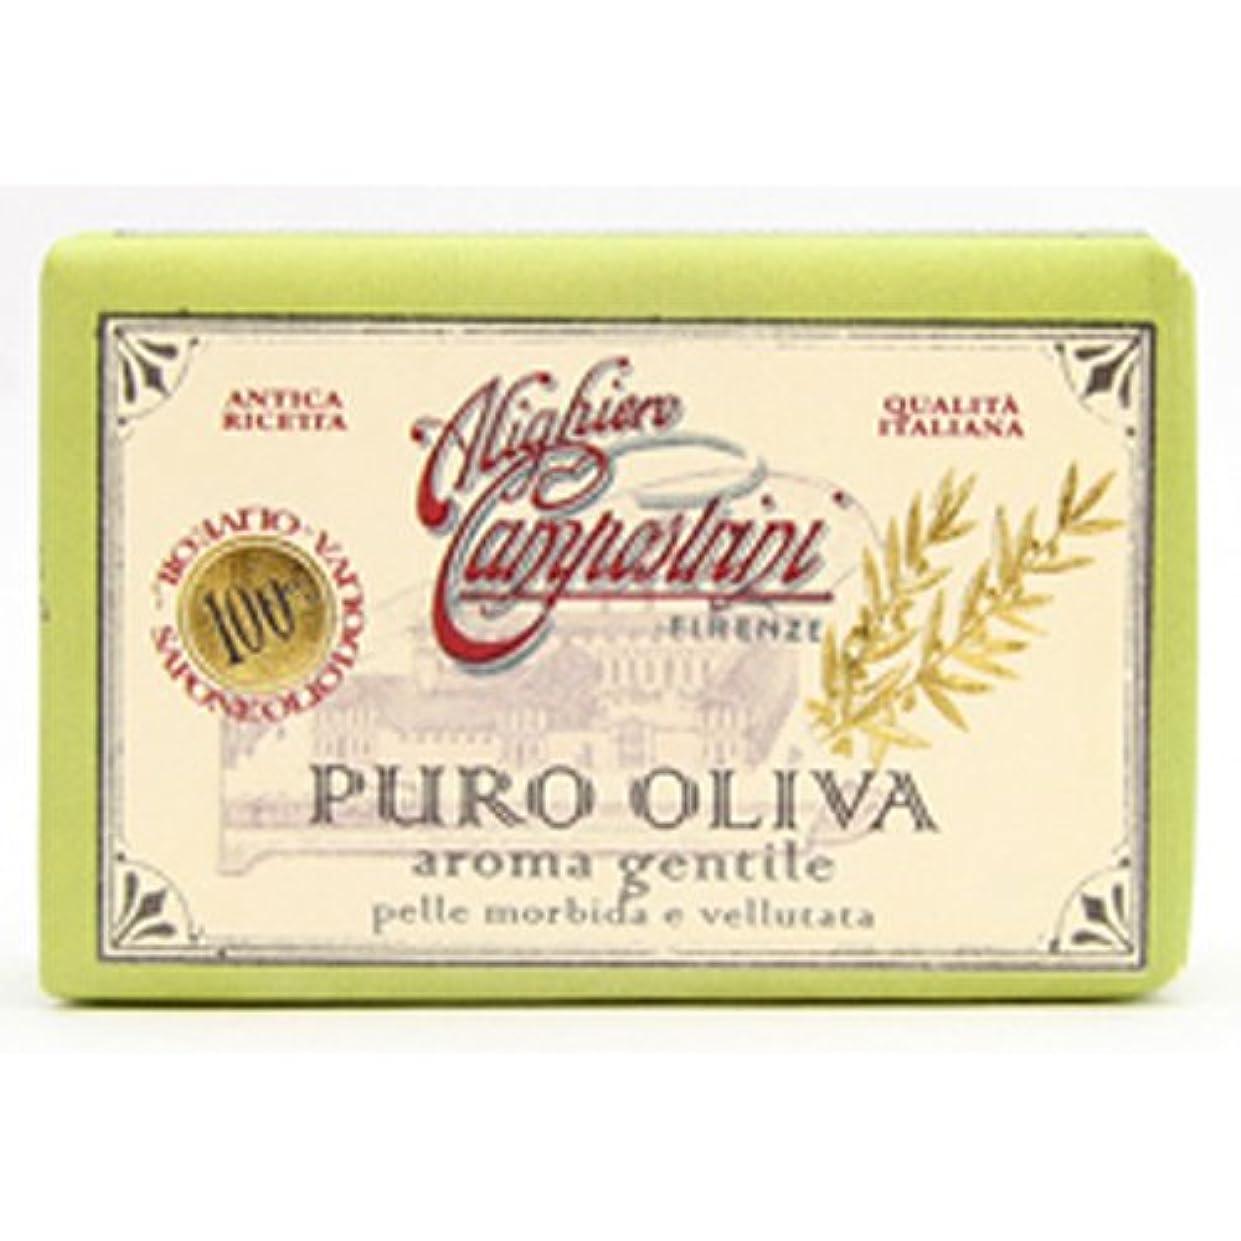 アンケート馬鹿げた行列Saponerire Fissi サポネリーフィッシー PURO OLIVA Soap オリーブオイル ピュロ ソープ Aroma gentile ジェントル(グリーン)